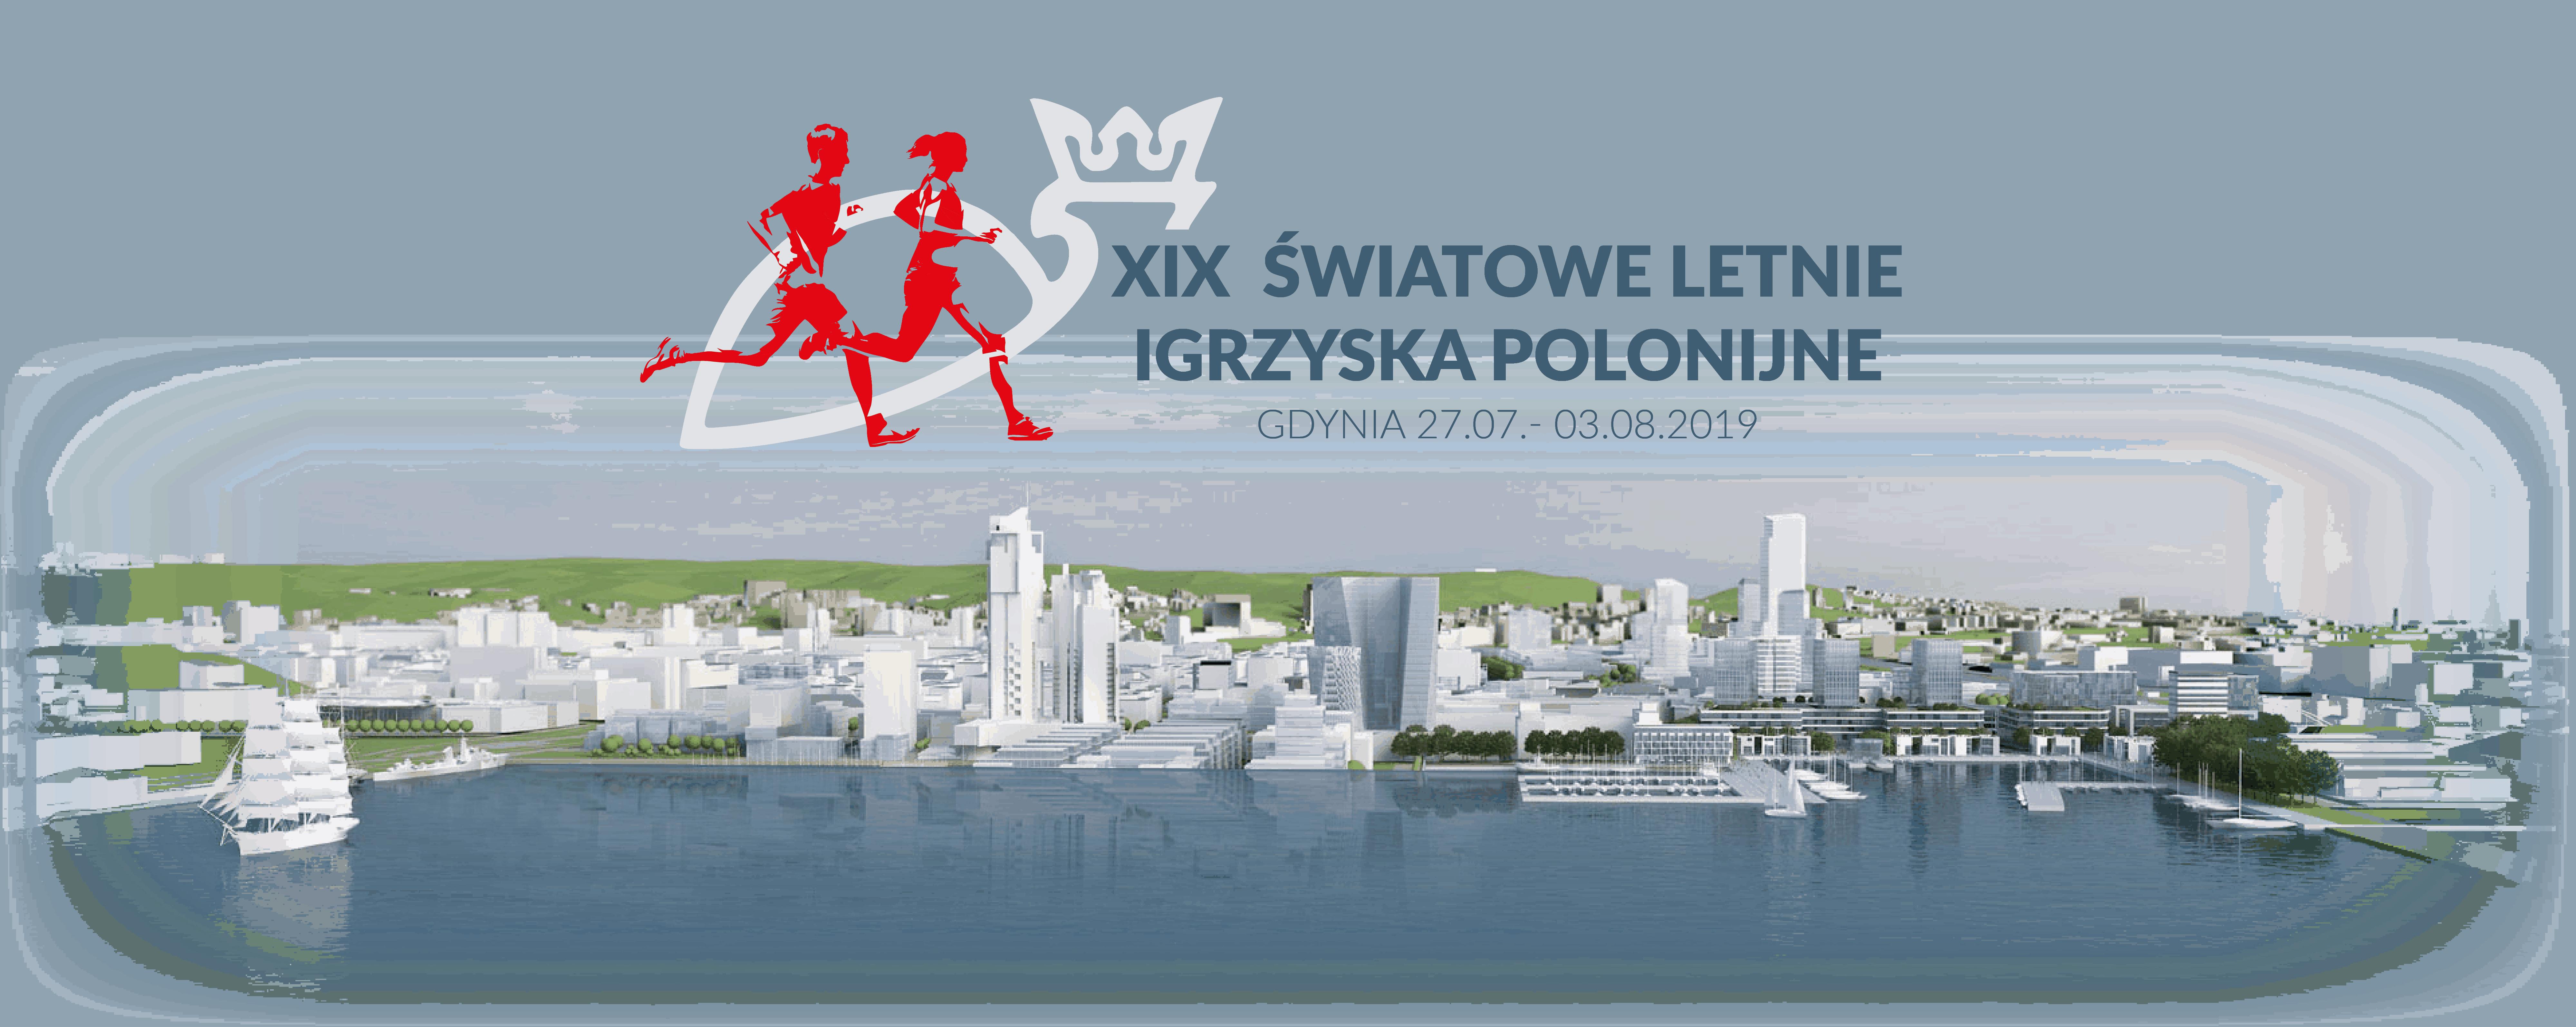 XIX ŚWIATOWE LETNIE IGRZYSKA POLONIJNE - GDYNIA 27.07. - 03.08.2019